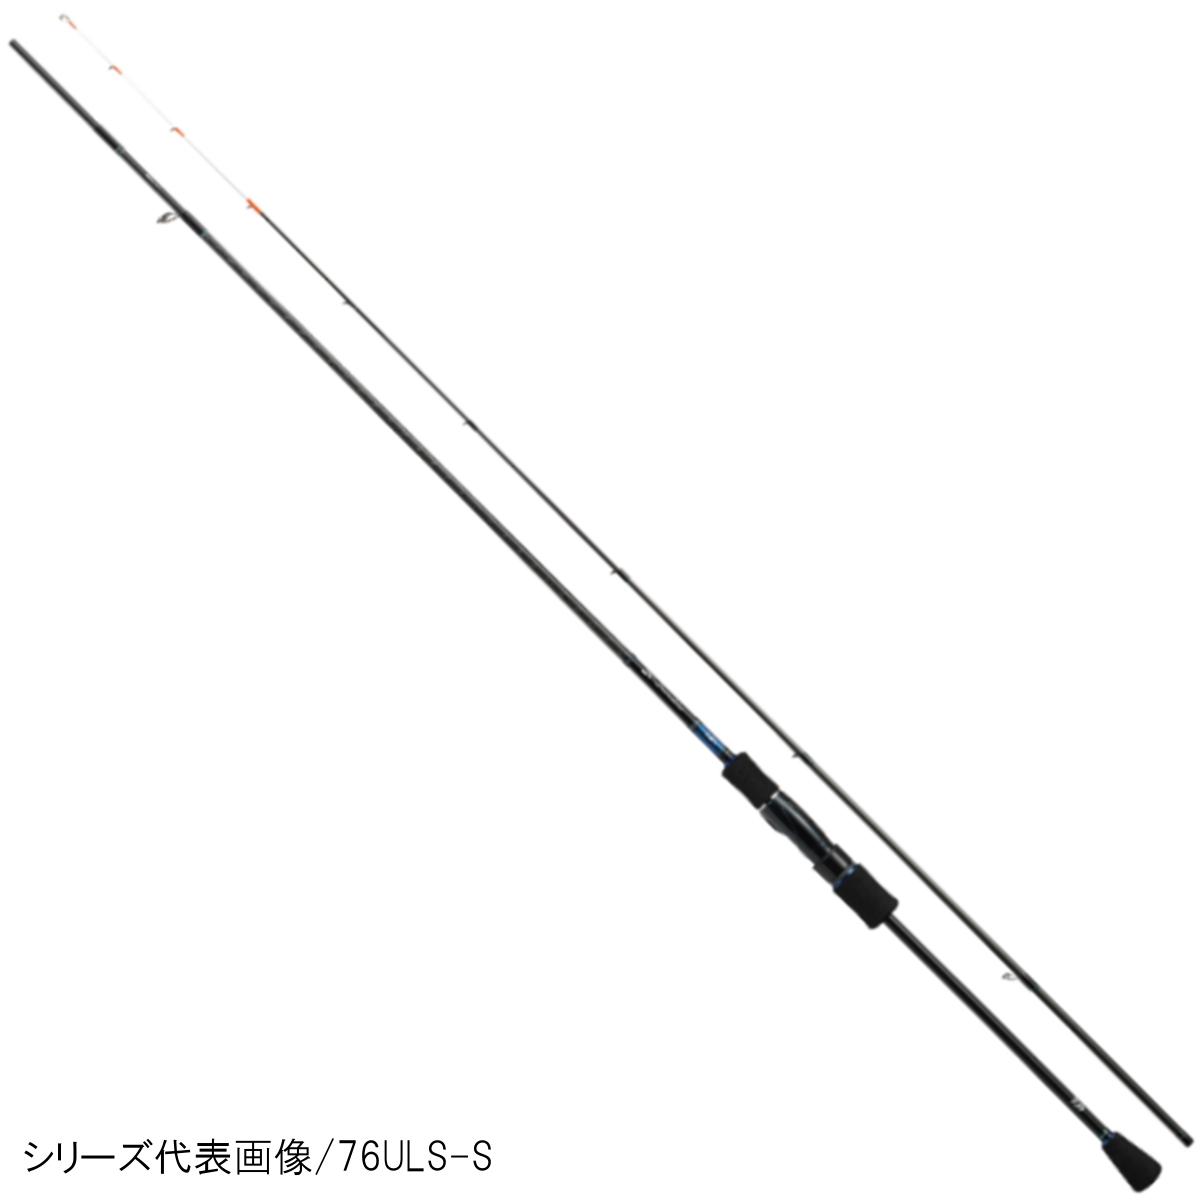 ダイワ エメラルダス イカメタル 610ULS-S